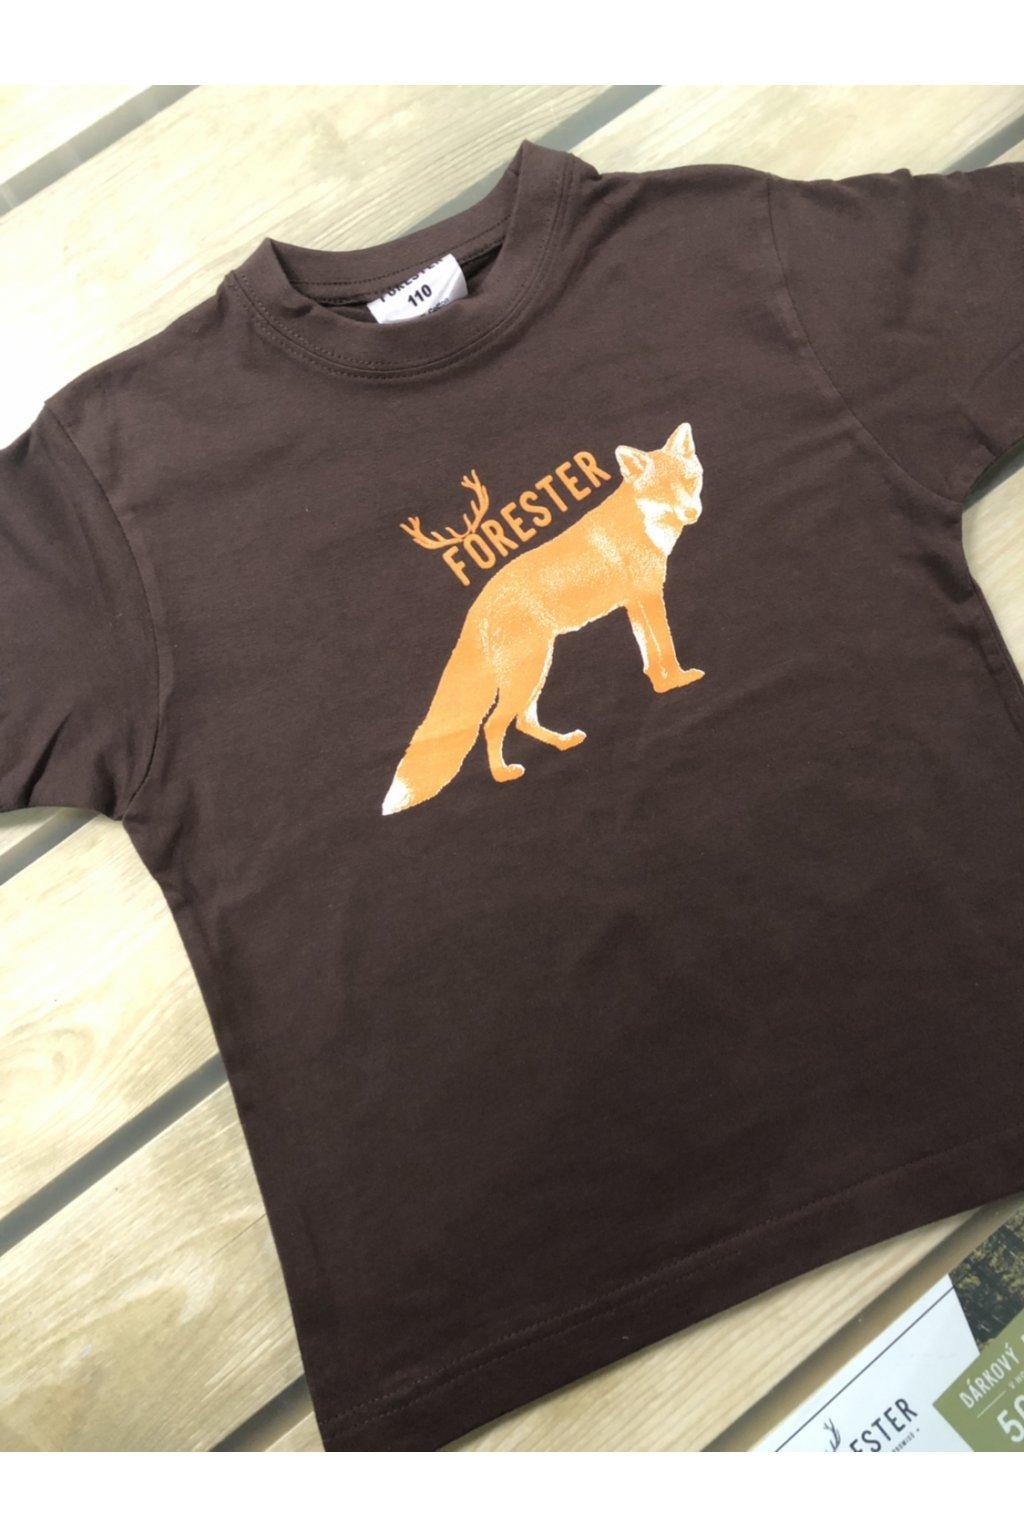 FORESTER - tričko dětské hn. liška